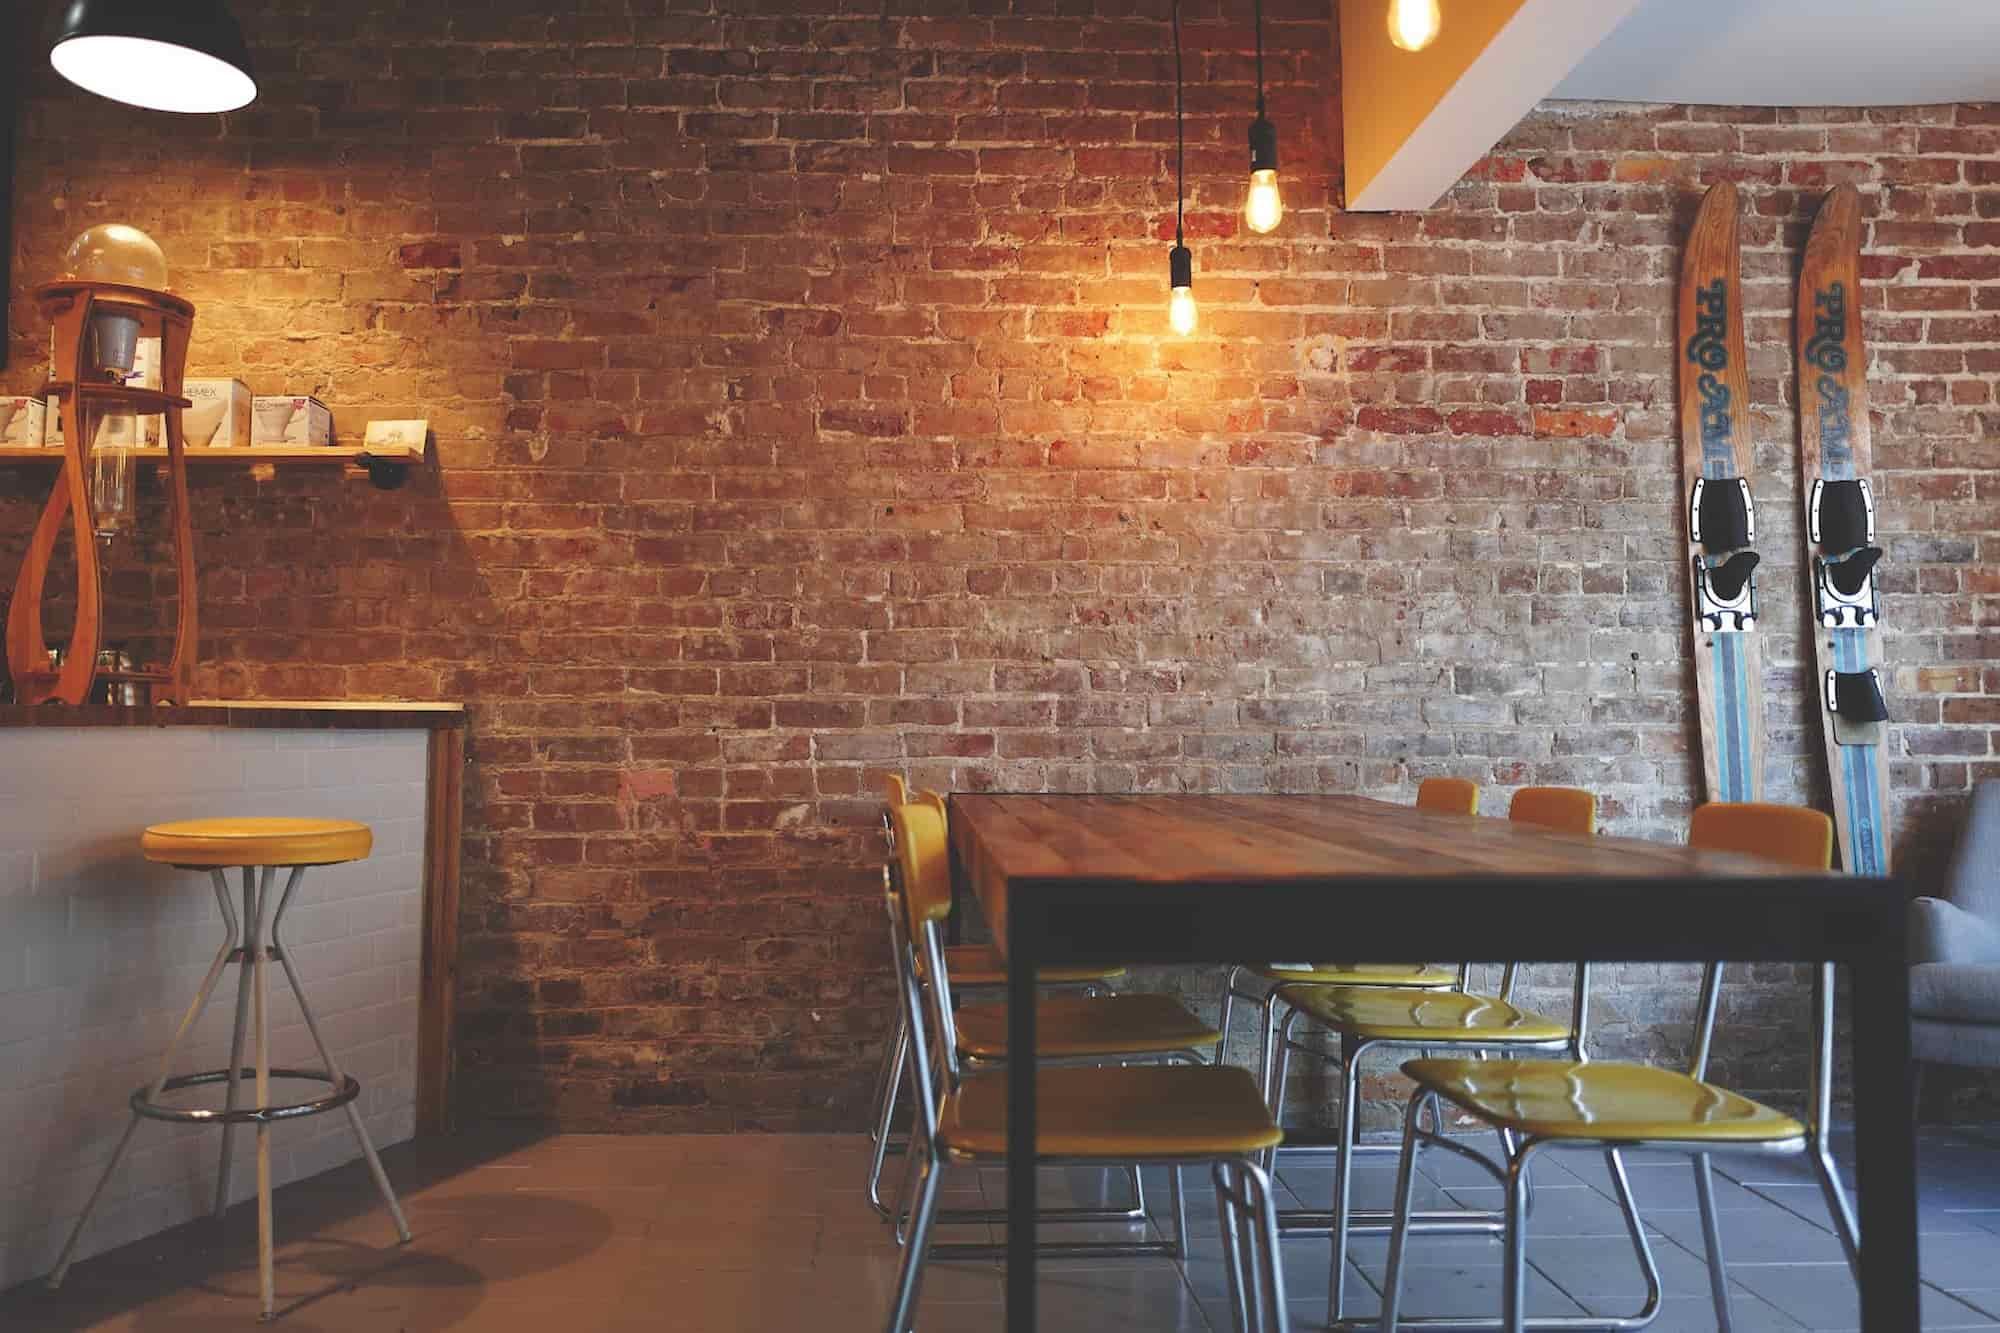 牆面顏色較深的室內空間,需要提高燈光的照明